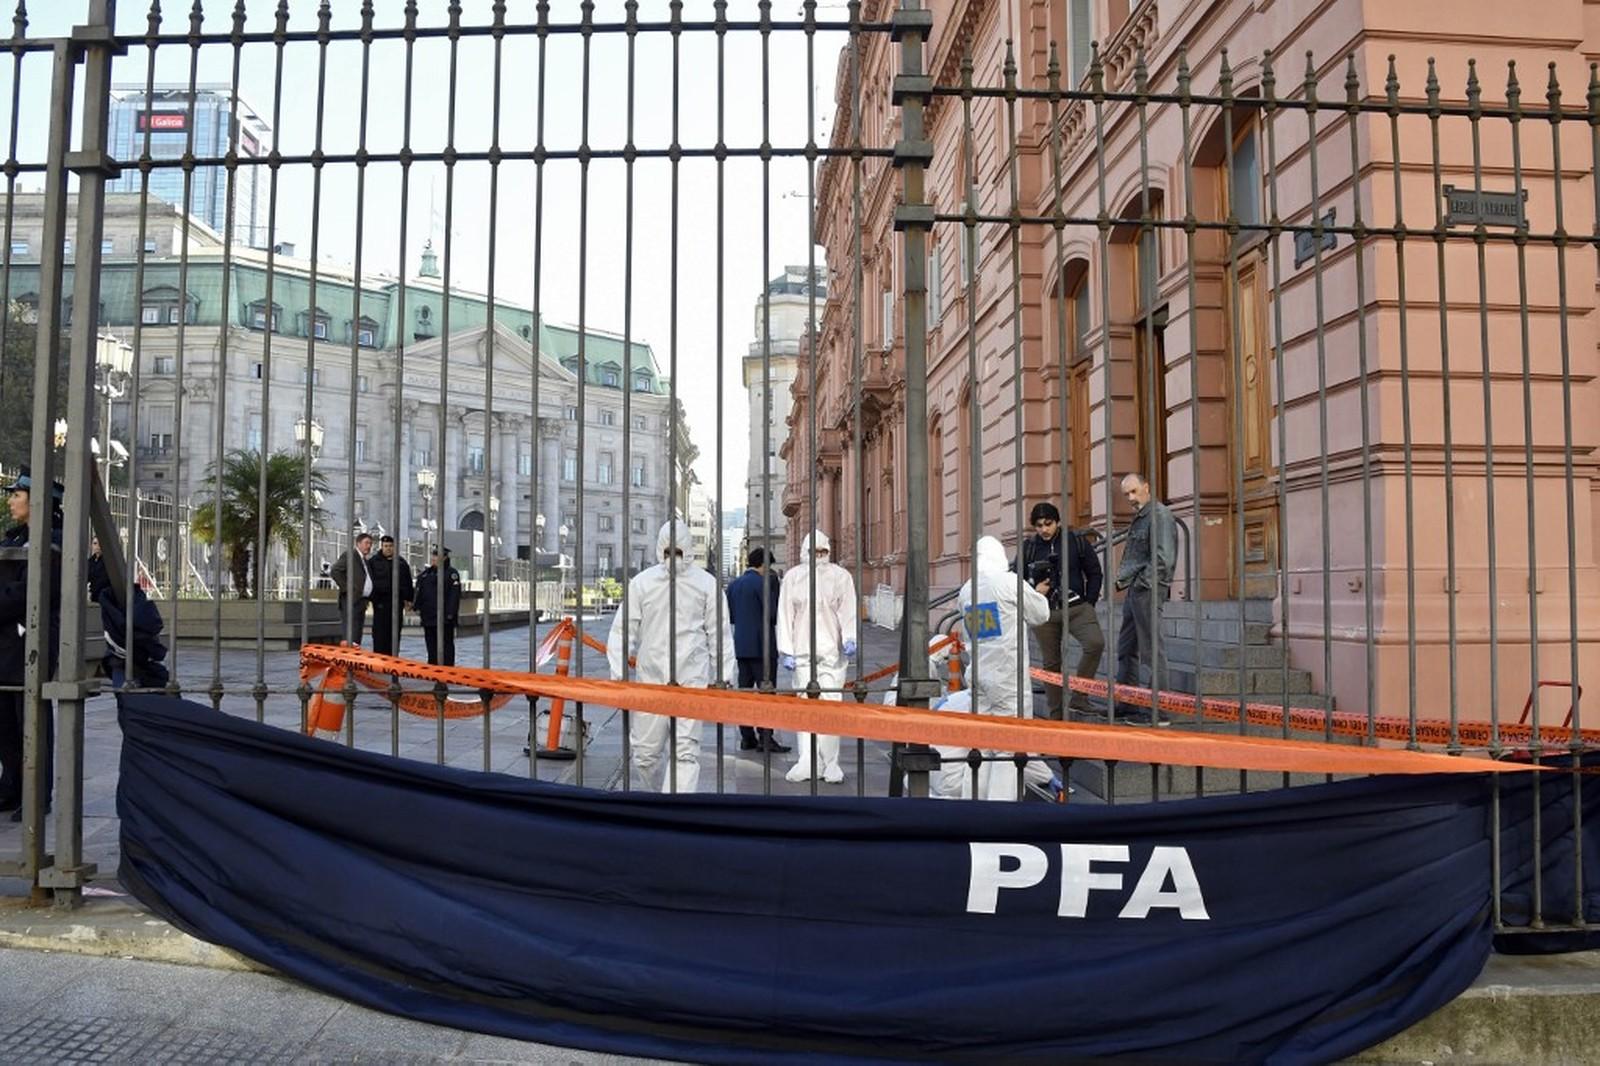 Esquadrão antibombas da Polícia Federal da Argentina vasculha Casa Rosada após ameaça de bomba — Foto: Analia Garelli/Telam/AFP